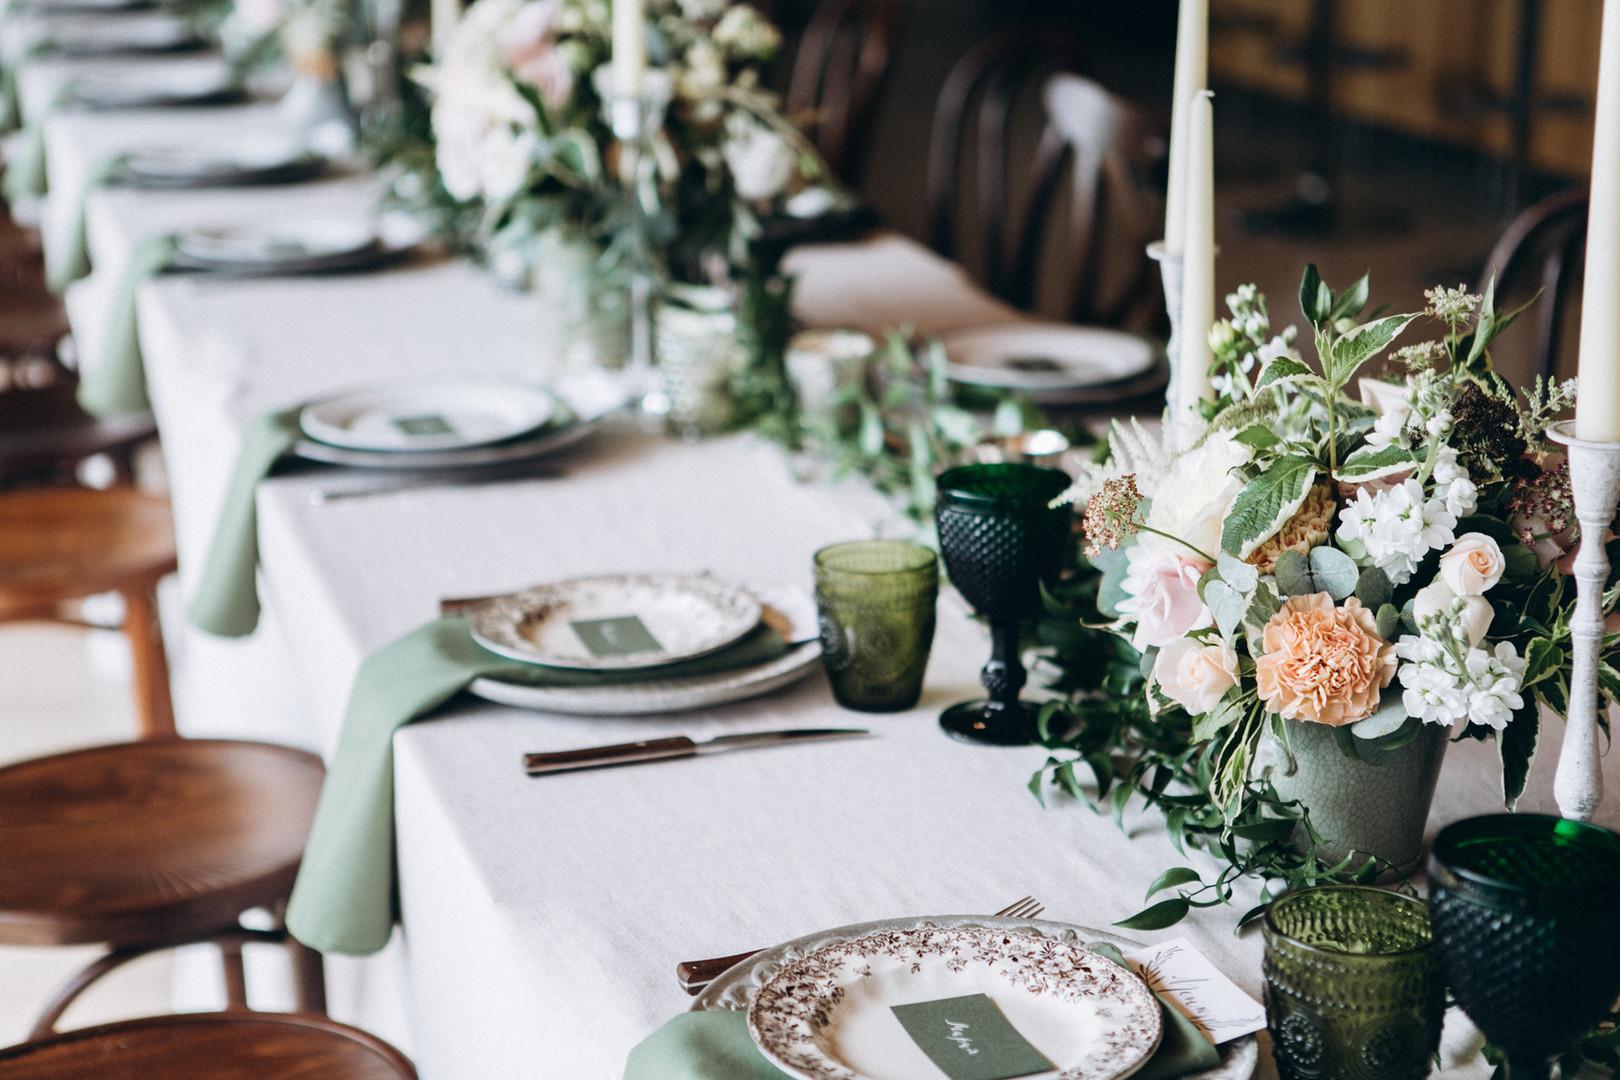 Impostazione della tavola di nozze